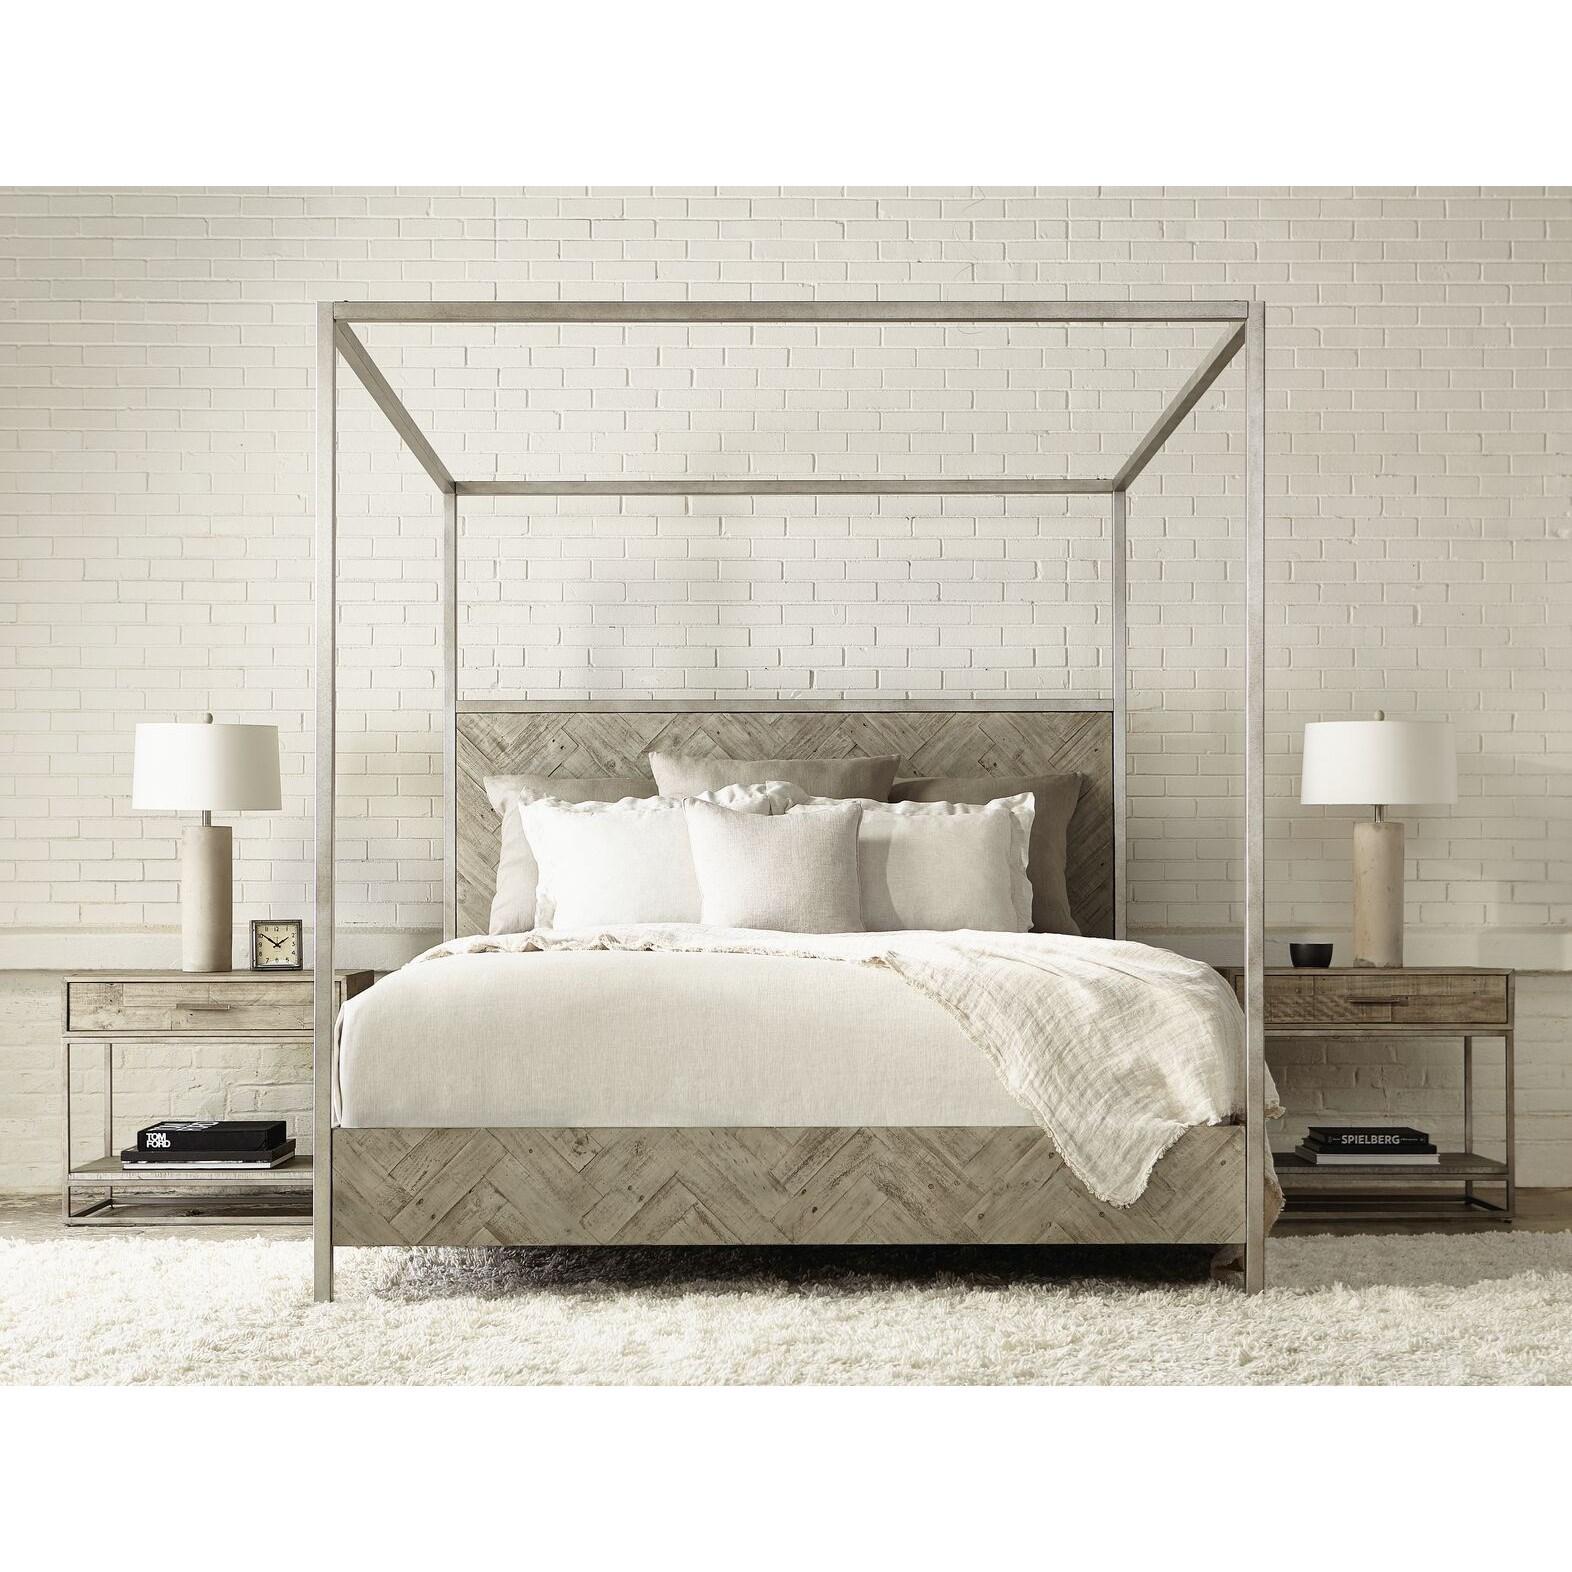 Bernhardt Loft Highland Park Bedroom Group Belfort Furniture Bedroom Groups